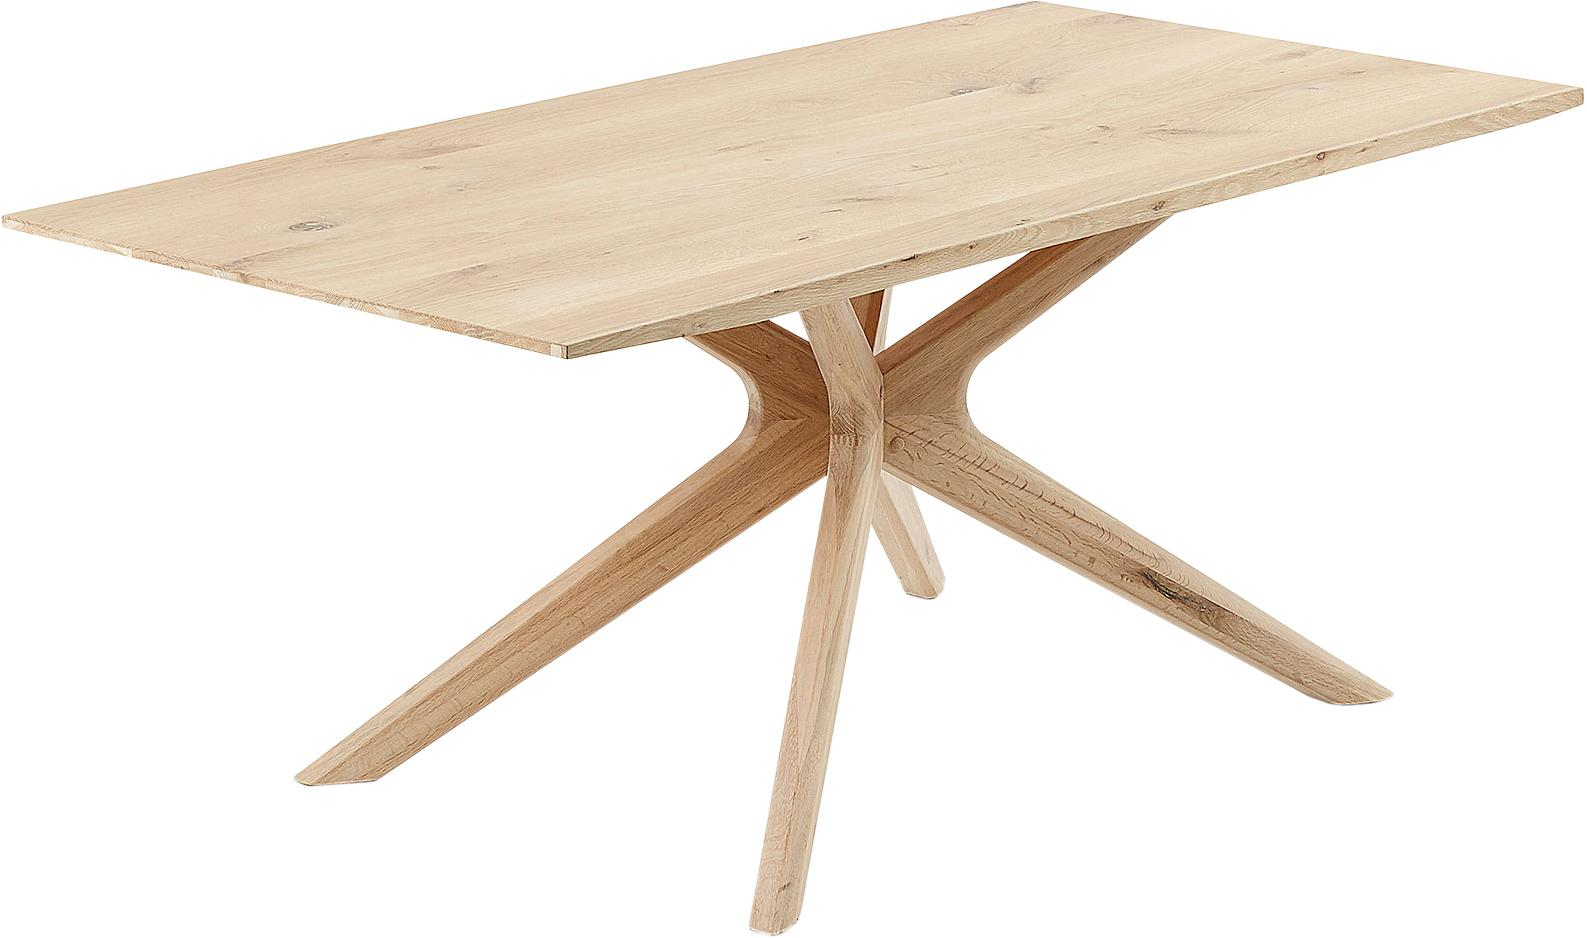 Esstisch Armande aus Eichenholz, Eichenholz, gewachst, Eichenholz, B 180 x T 90 cm